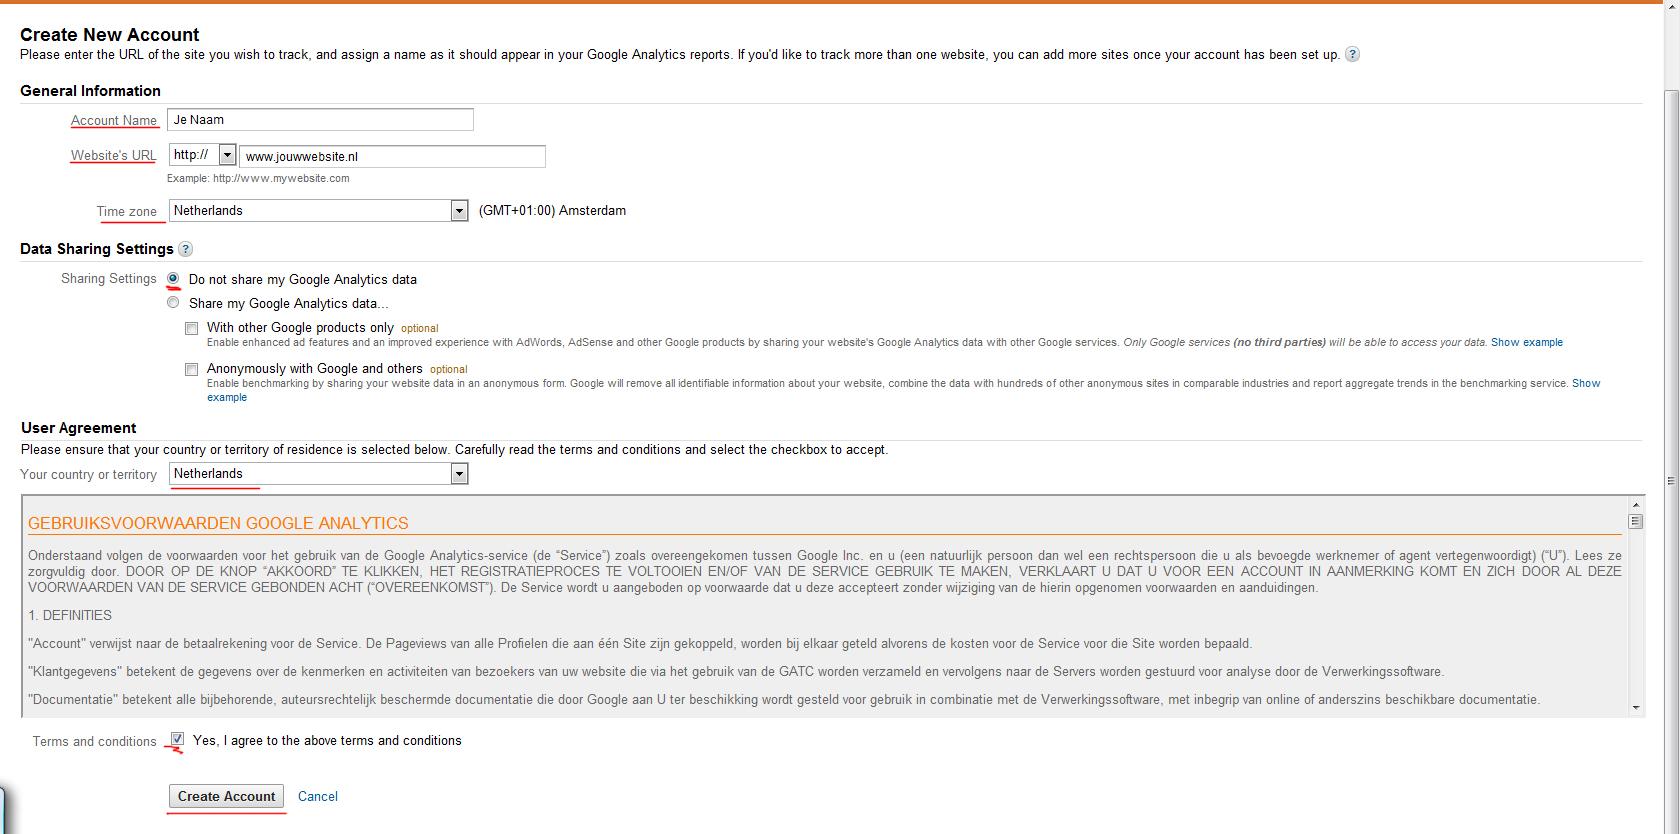 aanmelden-google-analytics-formulier-invullen